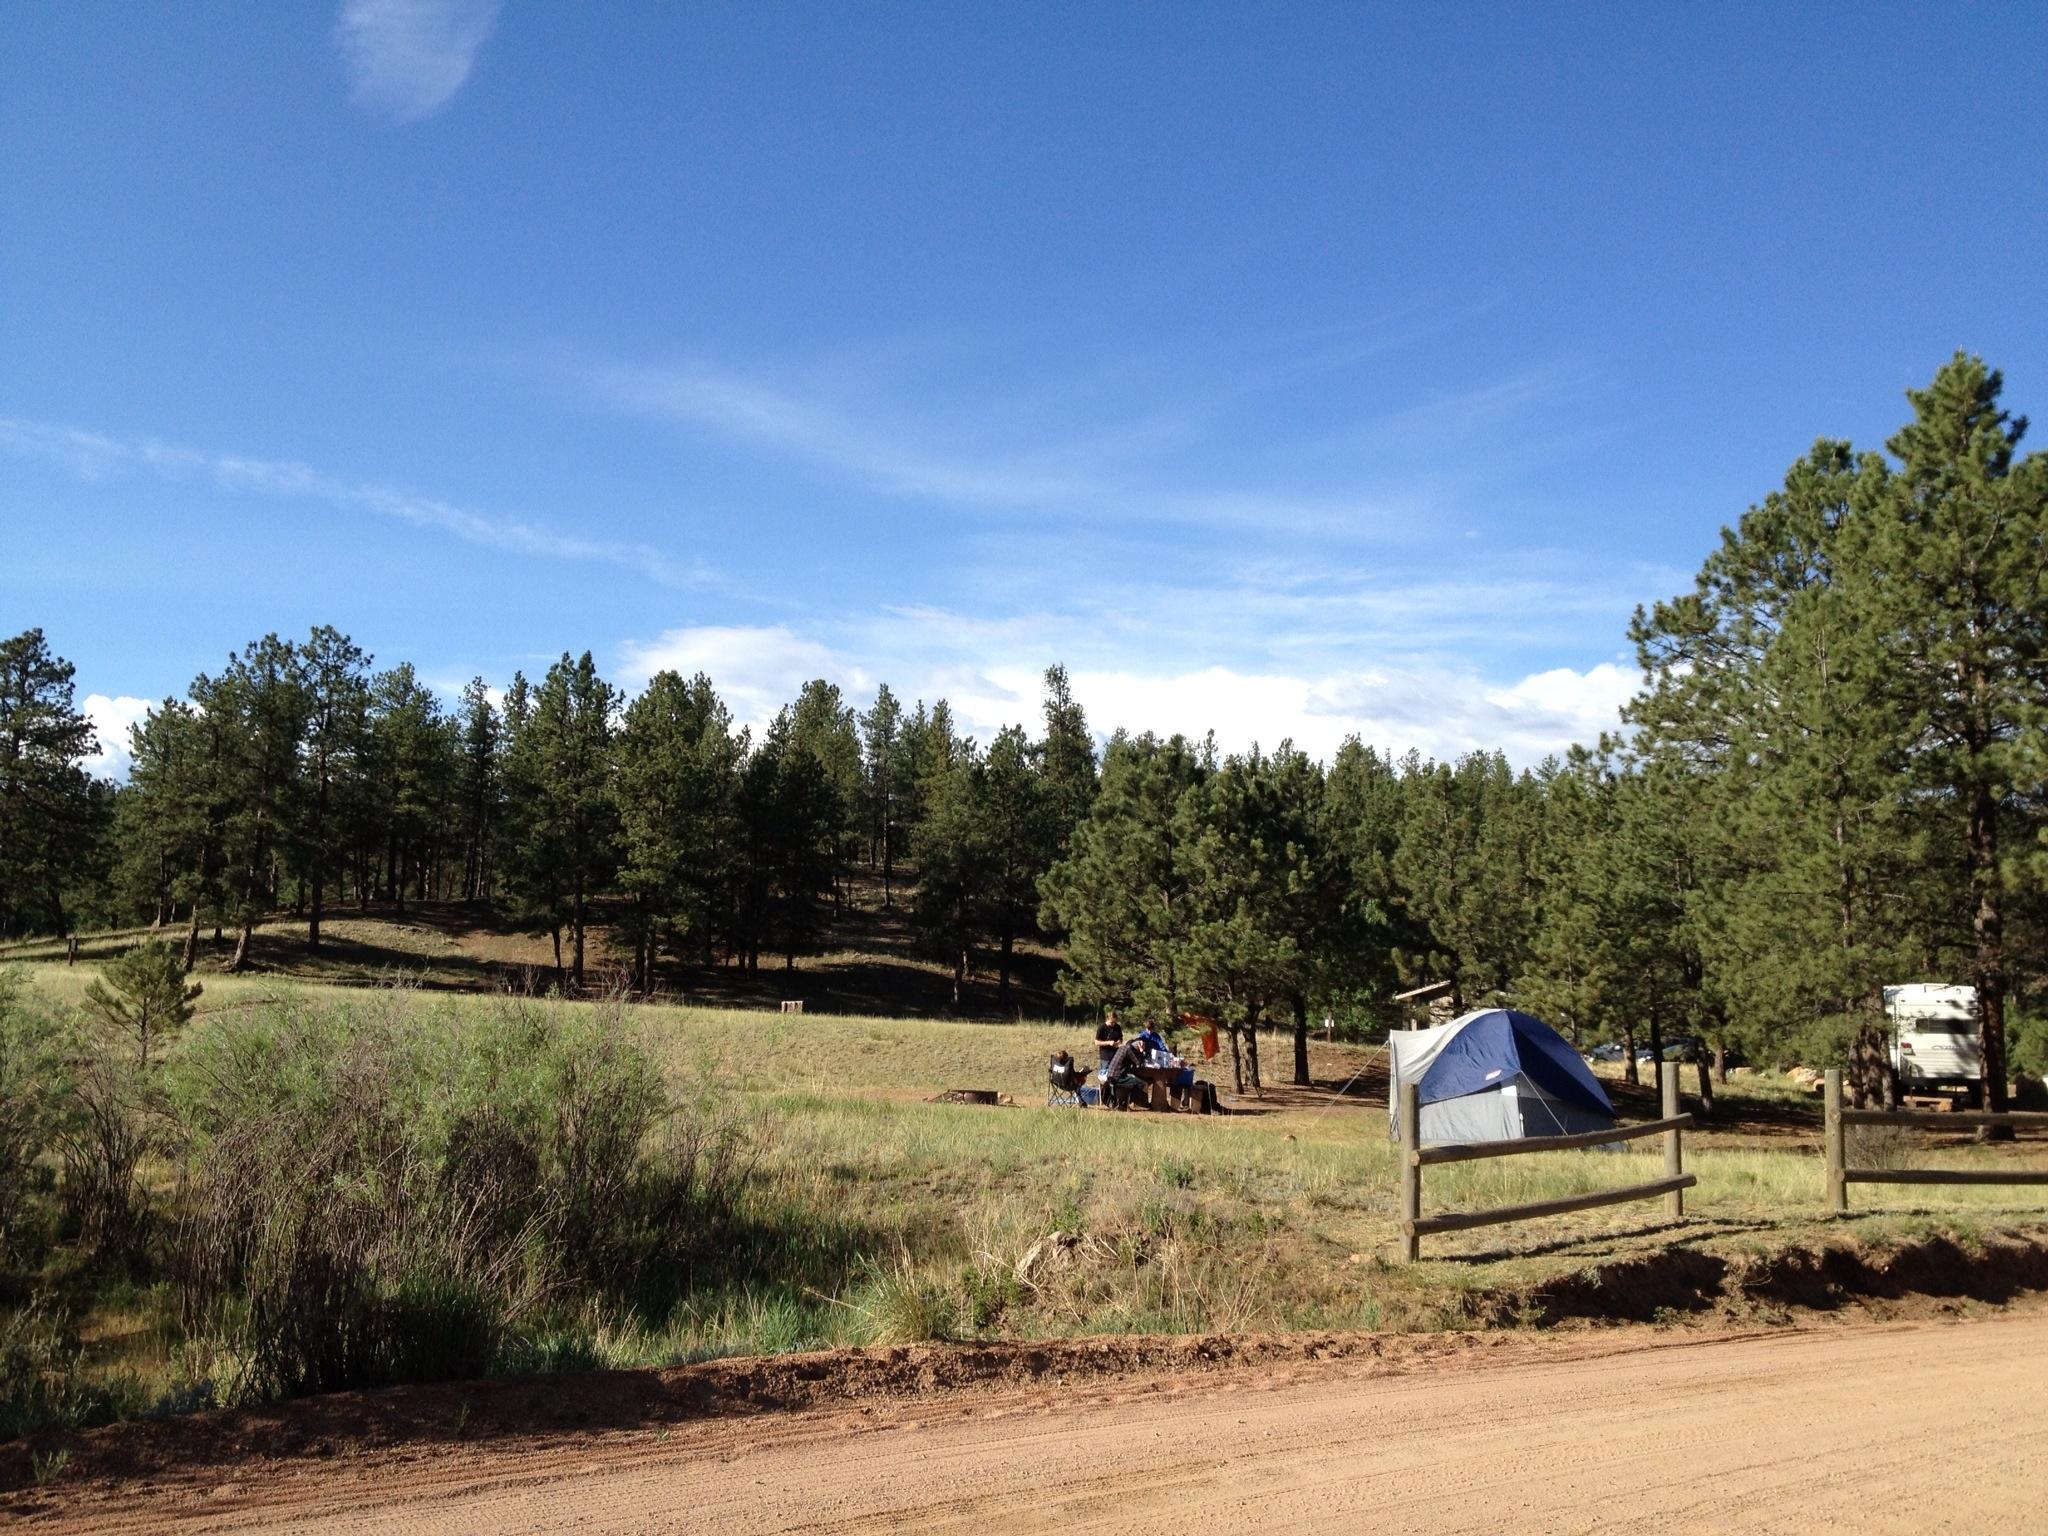 camping near colorado springs | TailsFromColoradoSprings